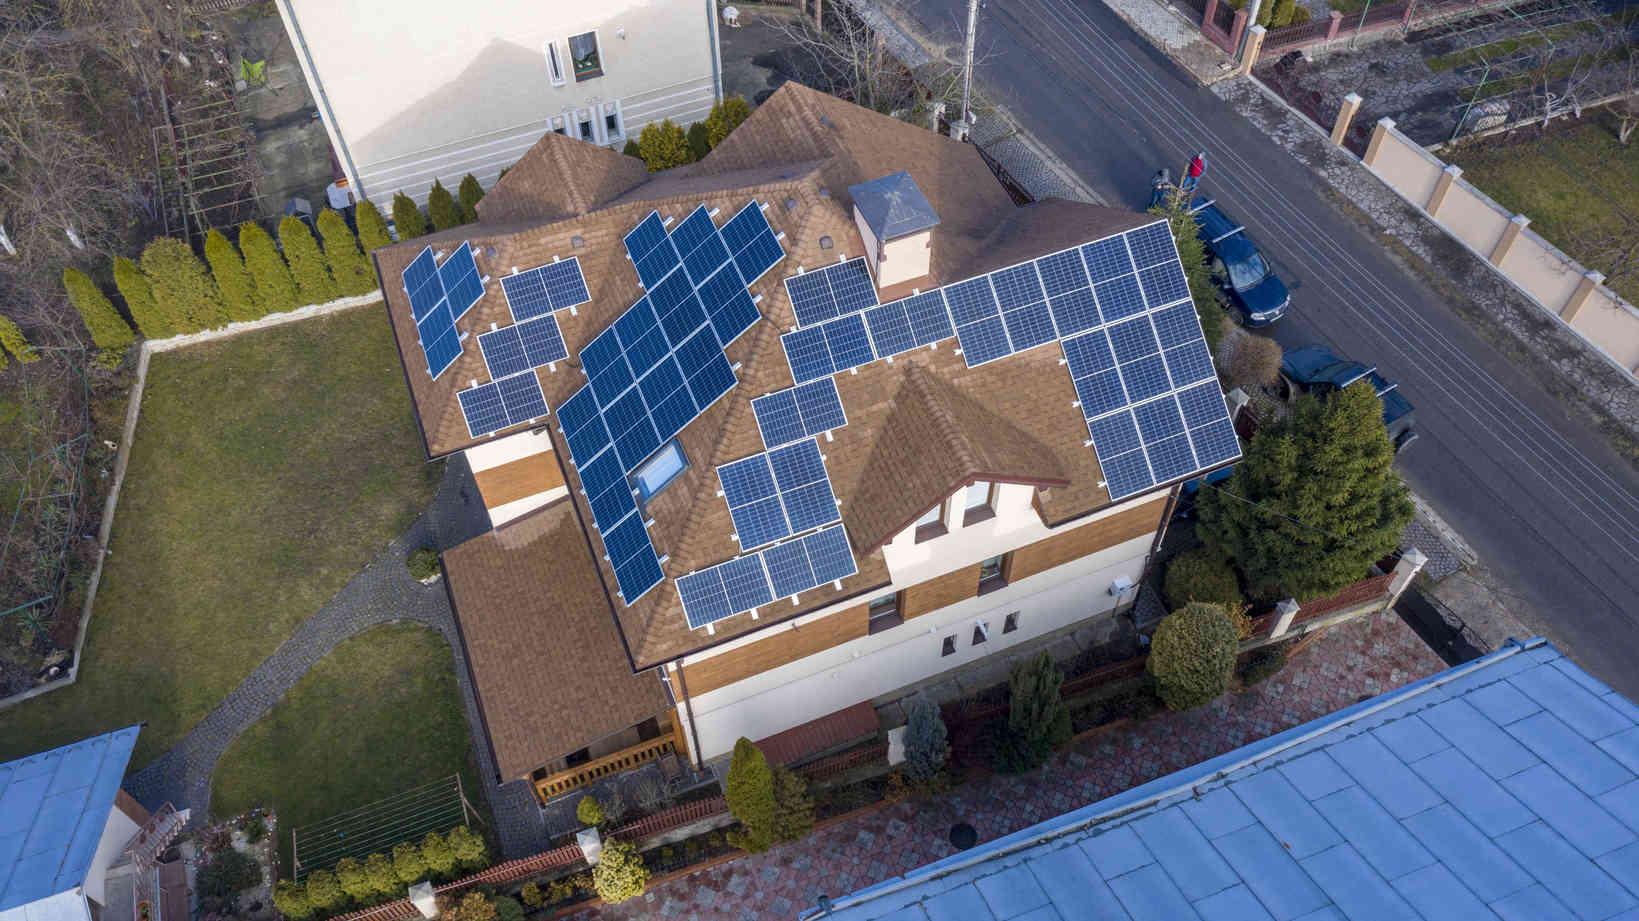 Мережева сонячна електростанція (СЕС) потужністю 25,29 кВт – Фотозвіт #1